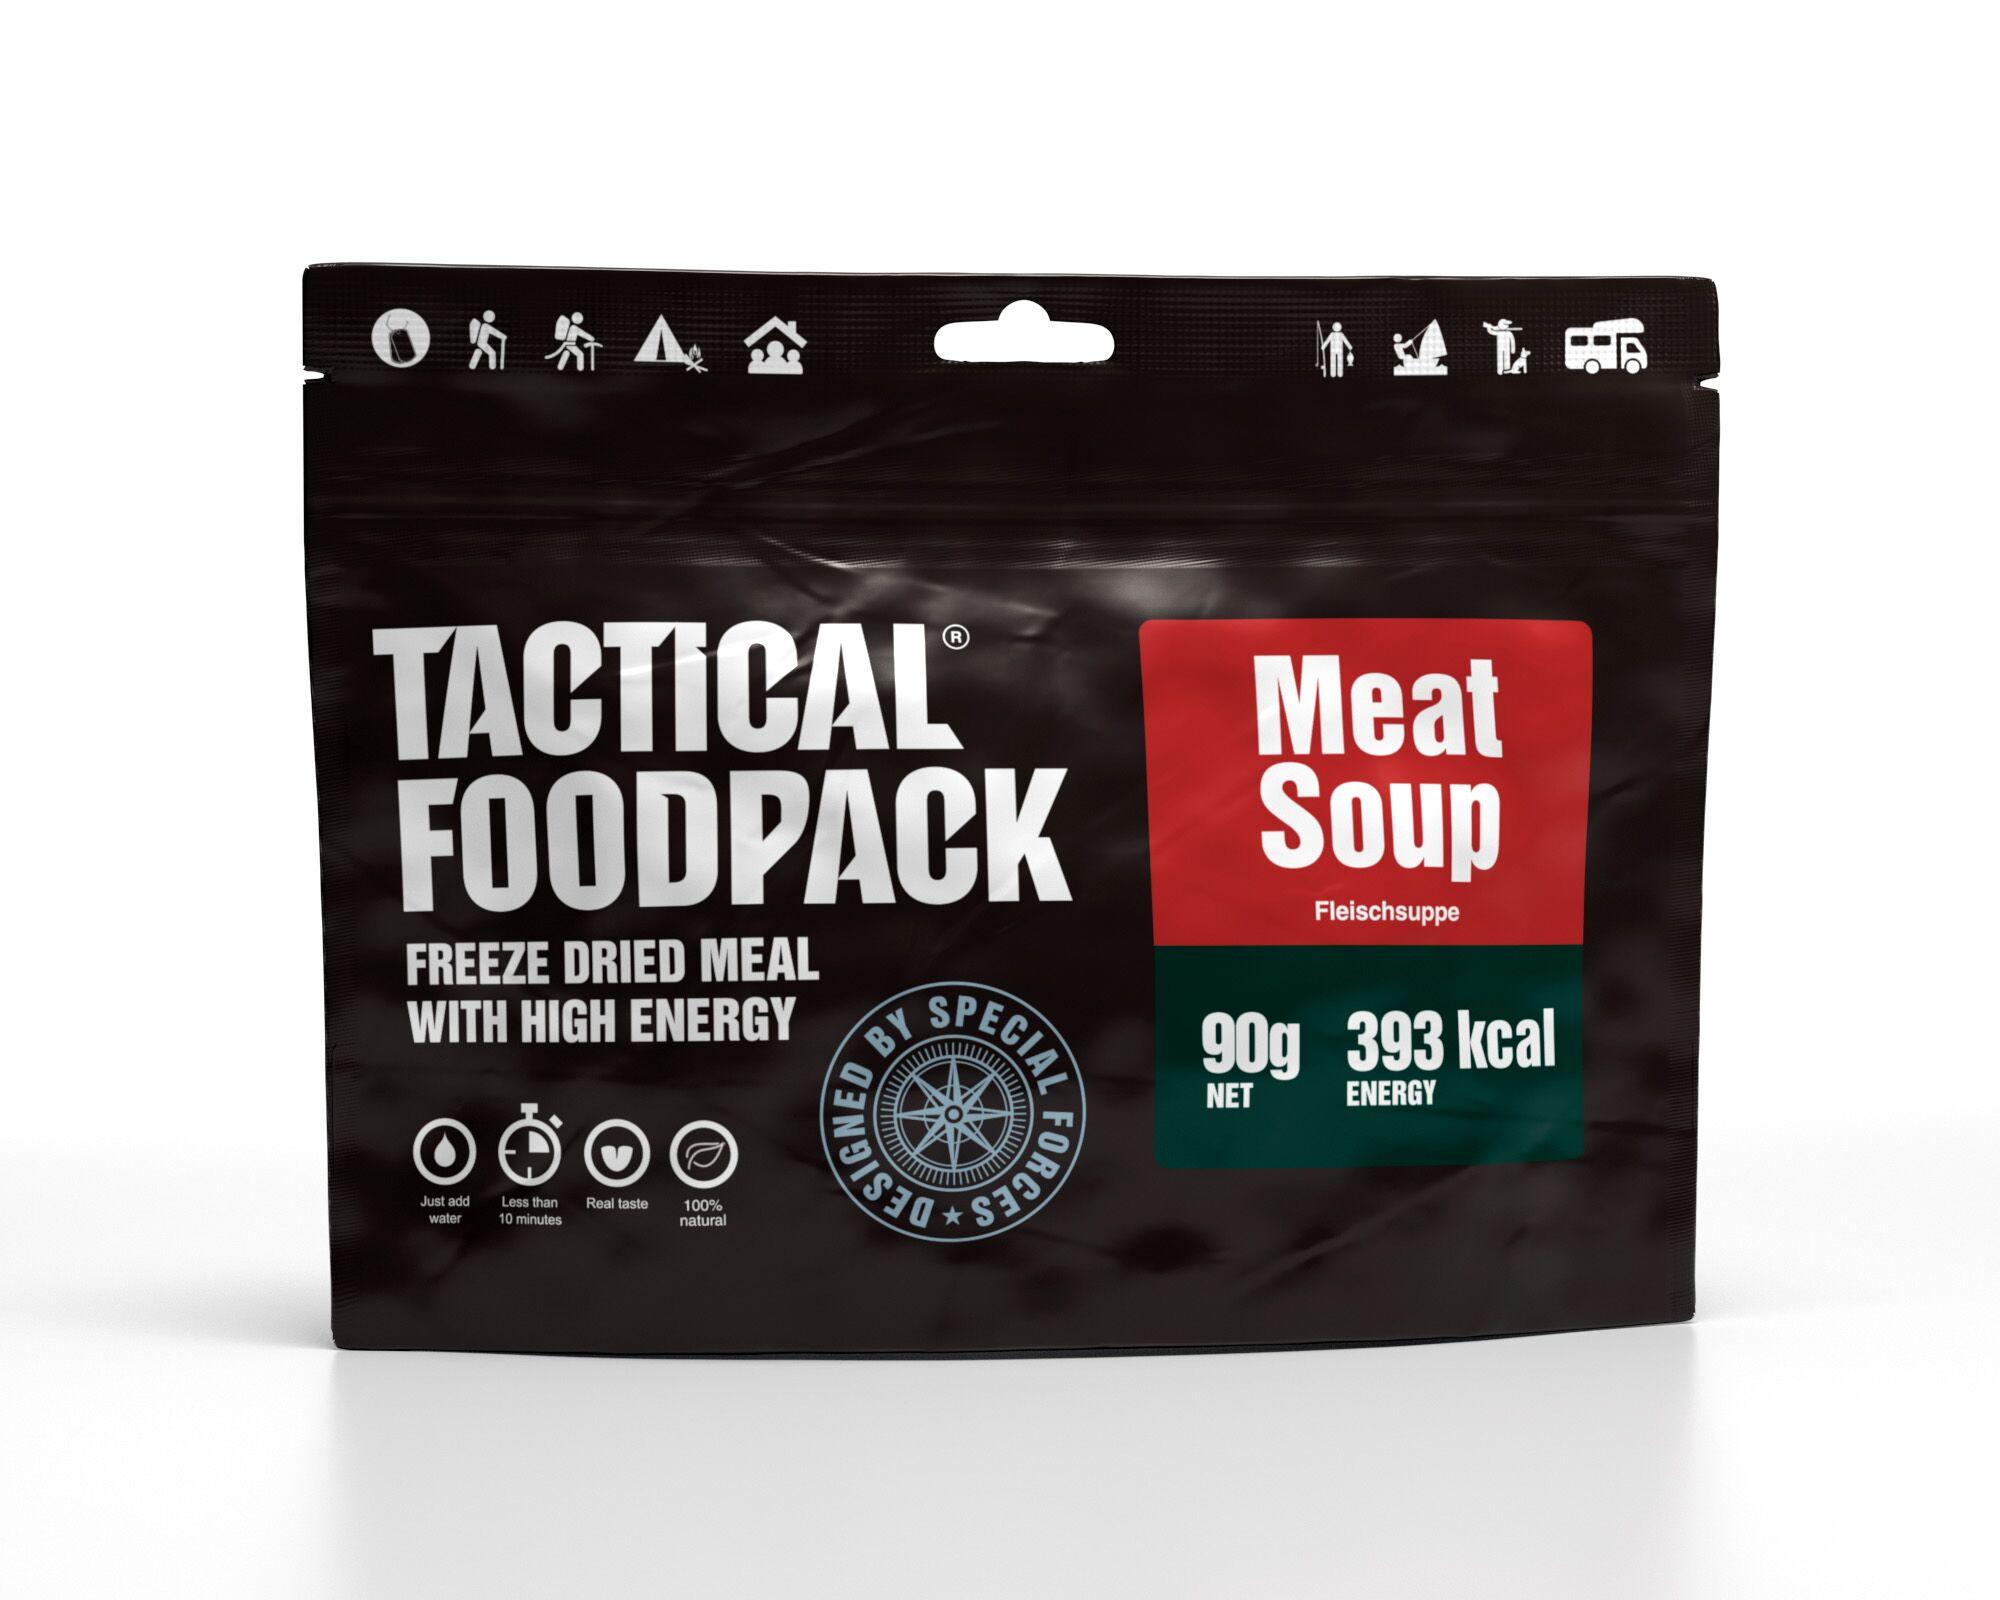 Dehidrirana hrana Tactical Foodpack - Meat Soup , B33 army shop at www.opremljen.si, trgovina z vojaško opremo, vojaška trgovina